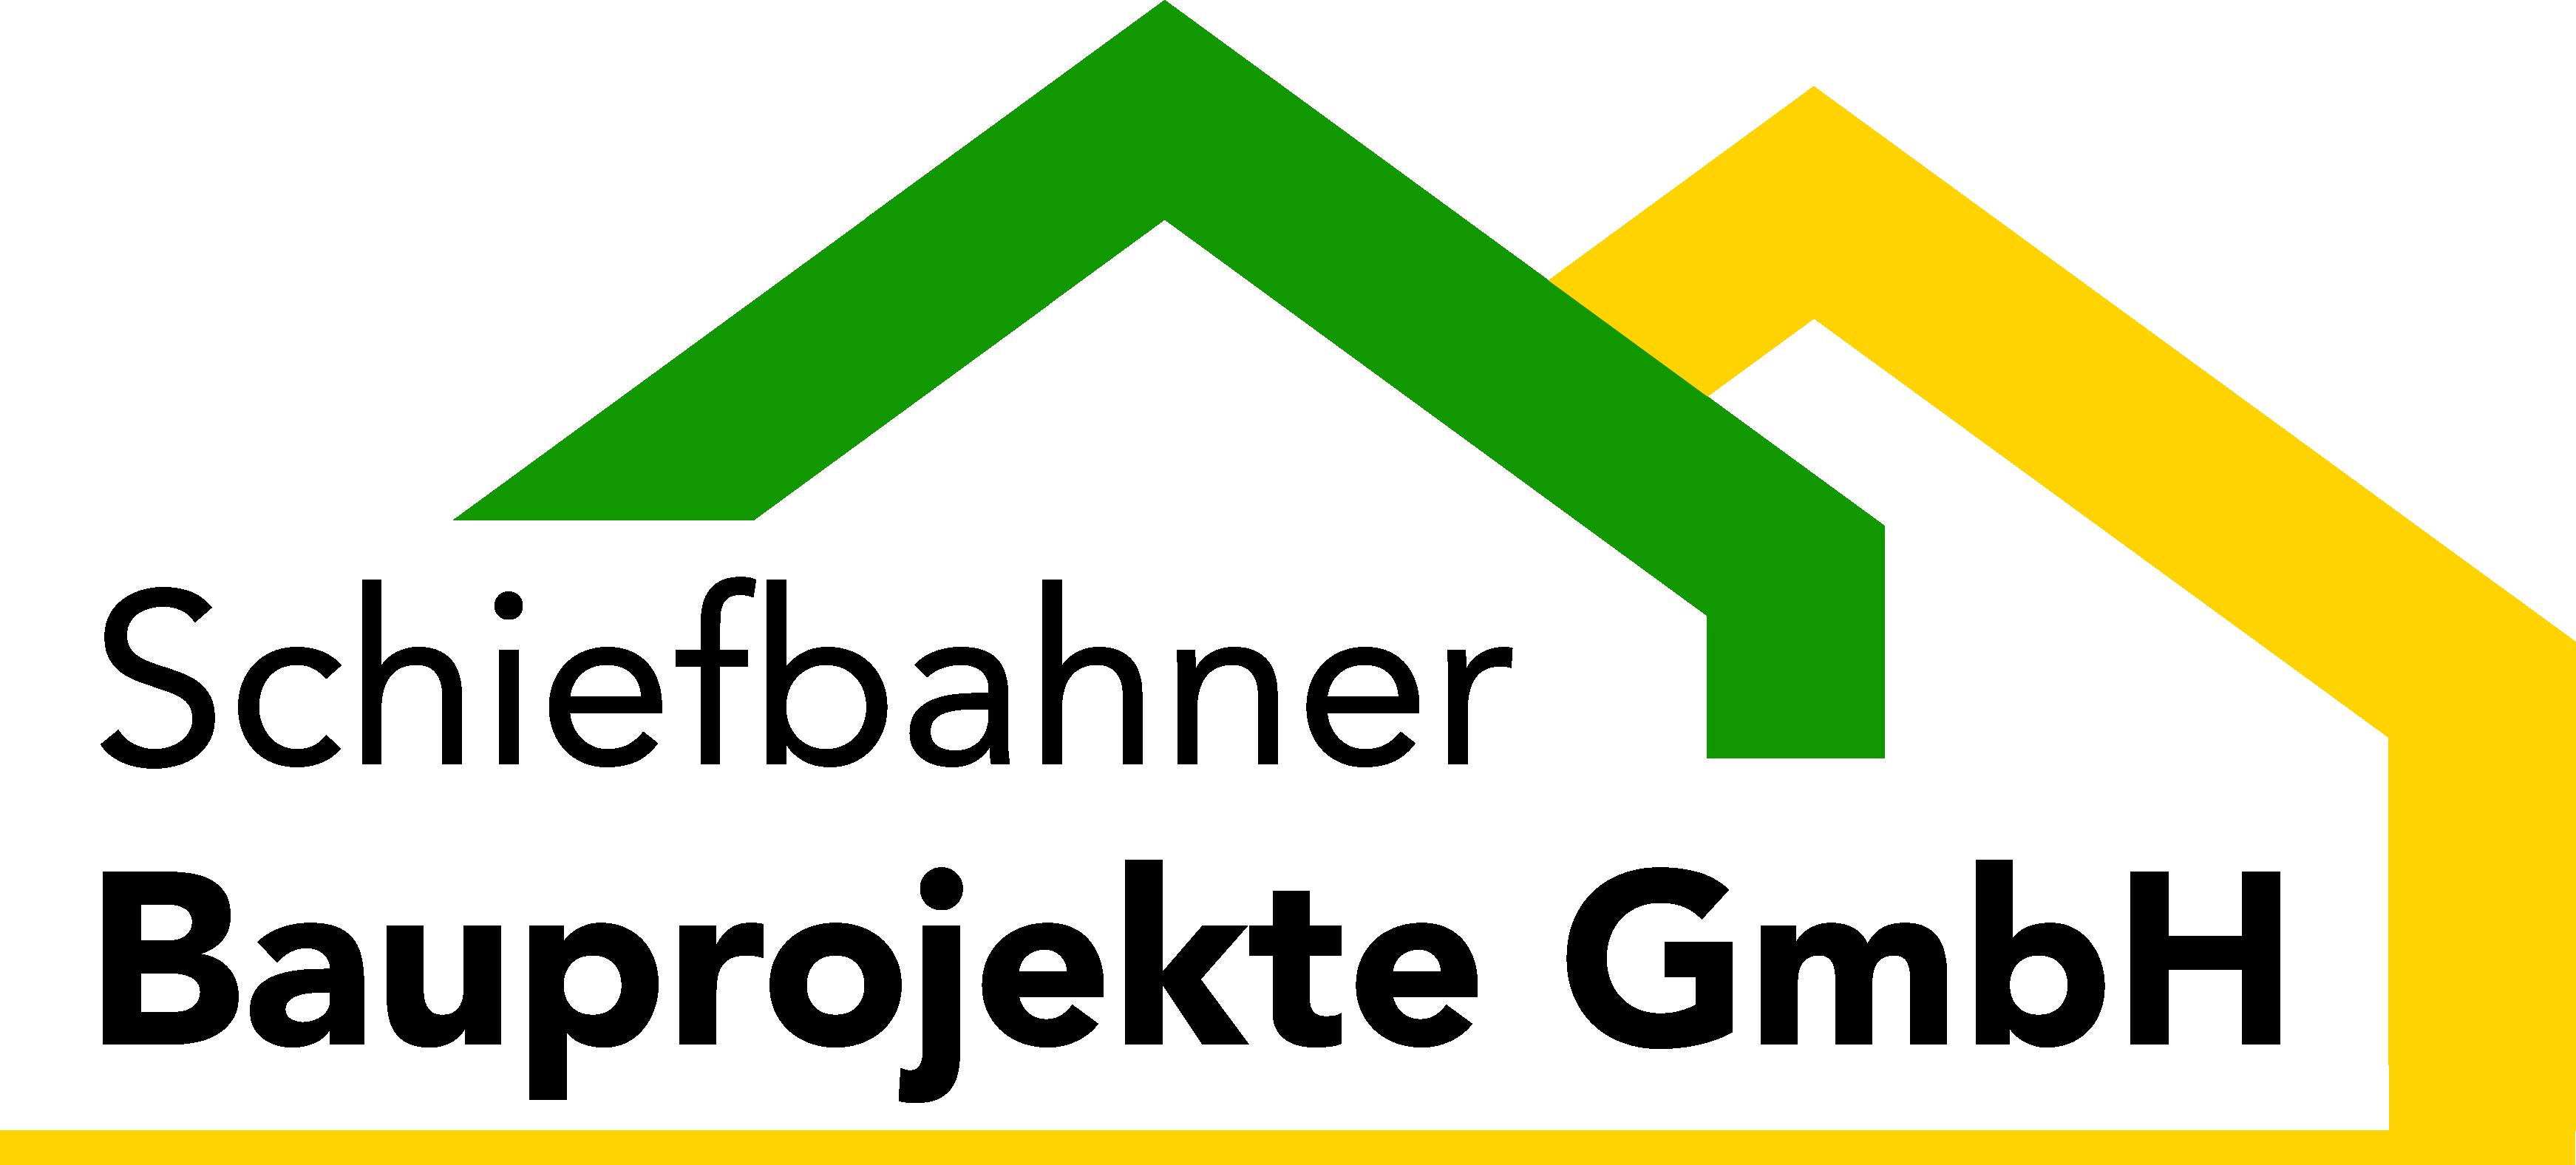 Schiefbahner Bauprojekte GmbH